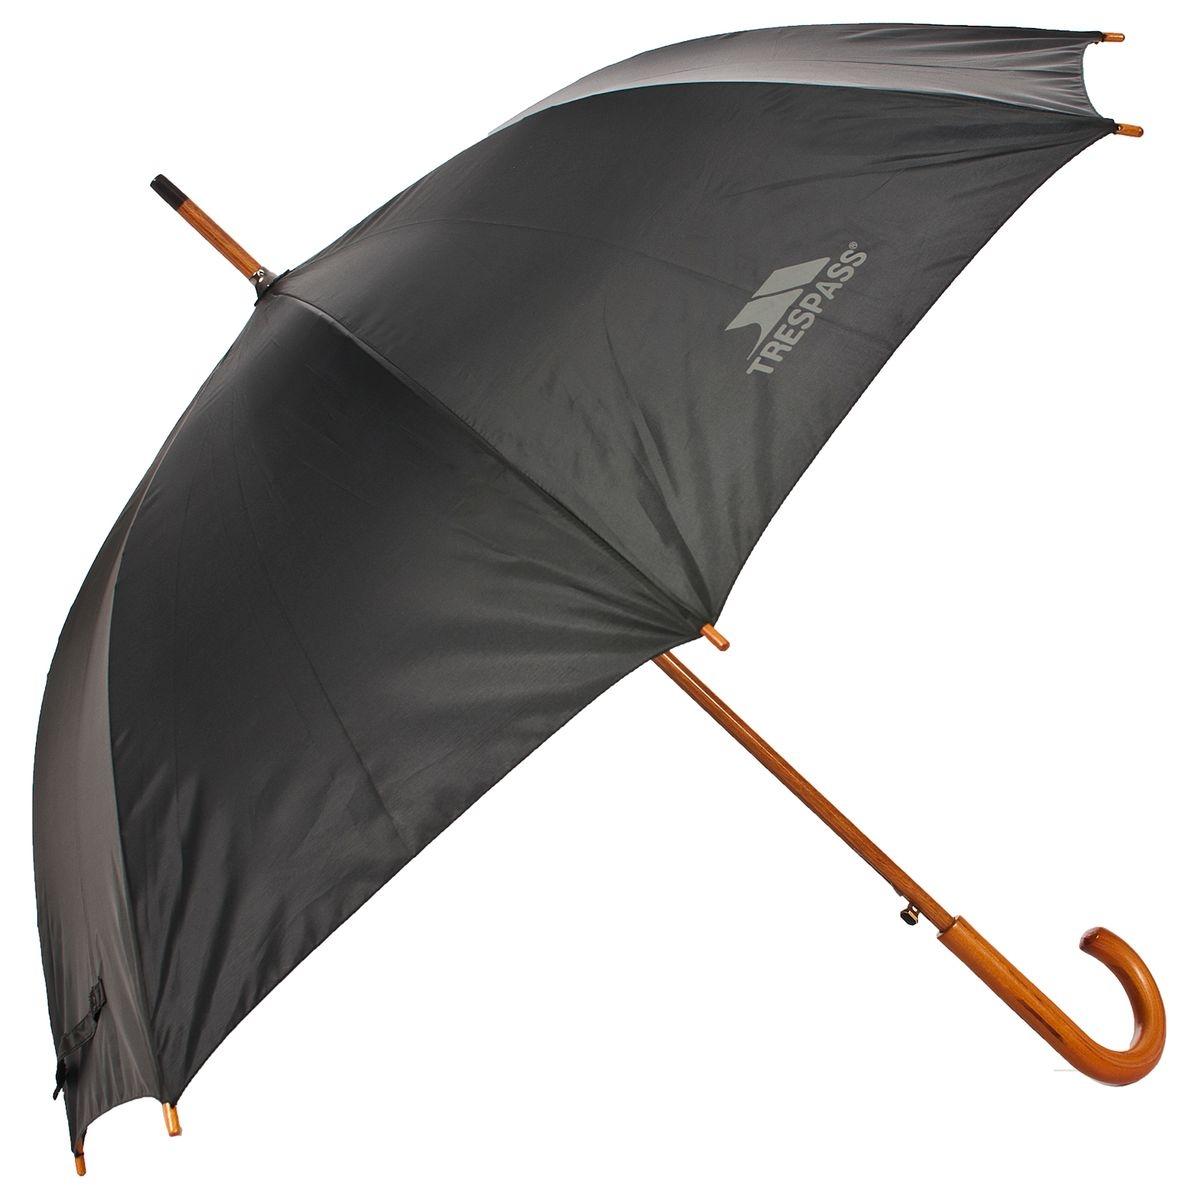 BAUM - parapluie bois - adulte